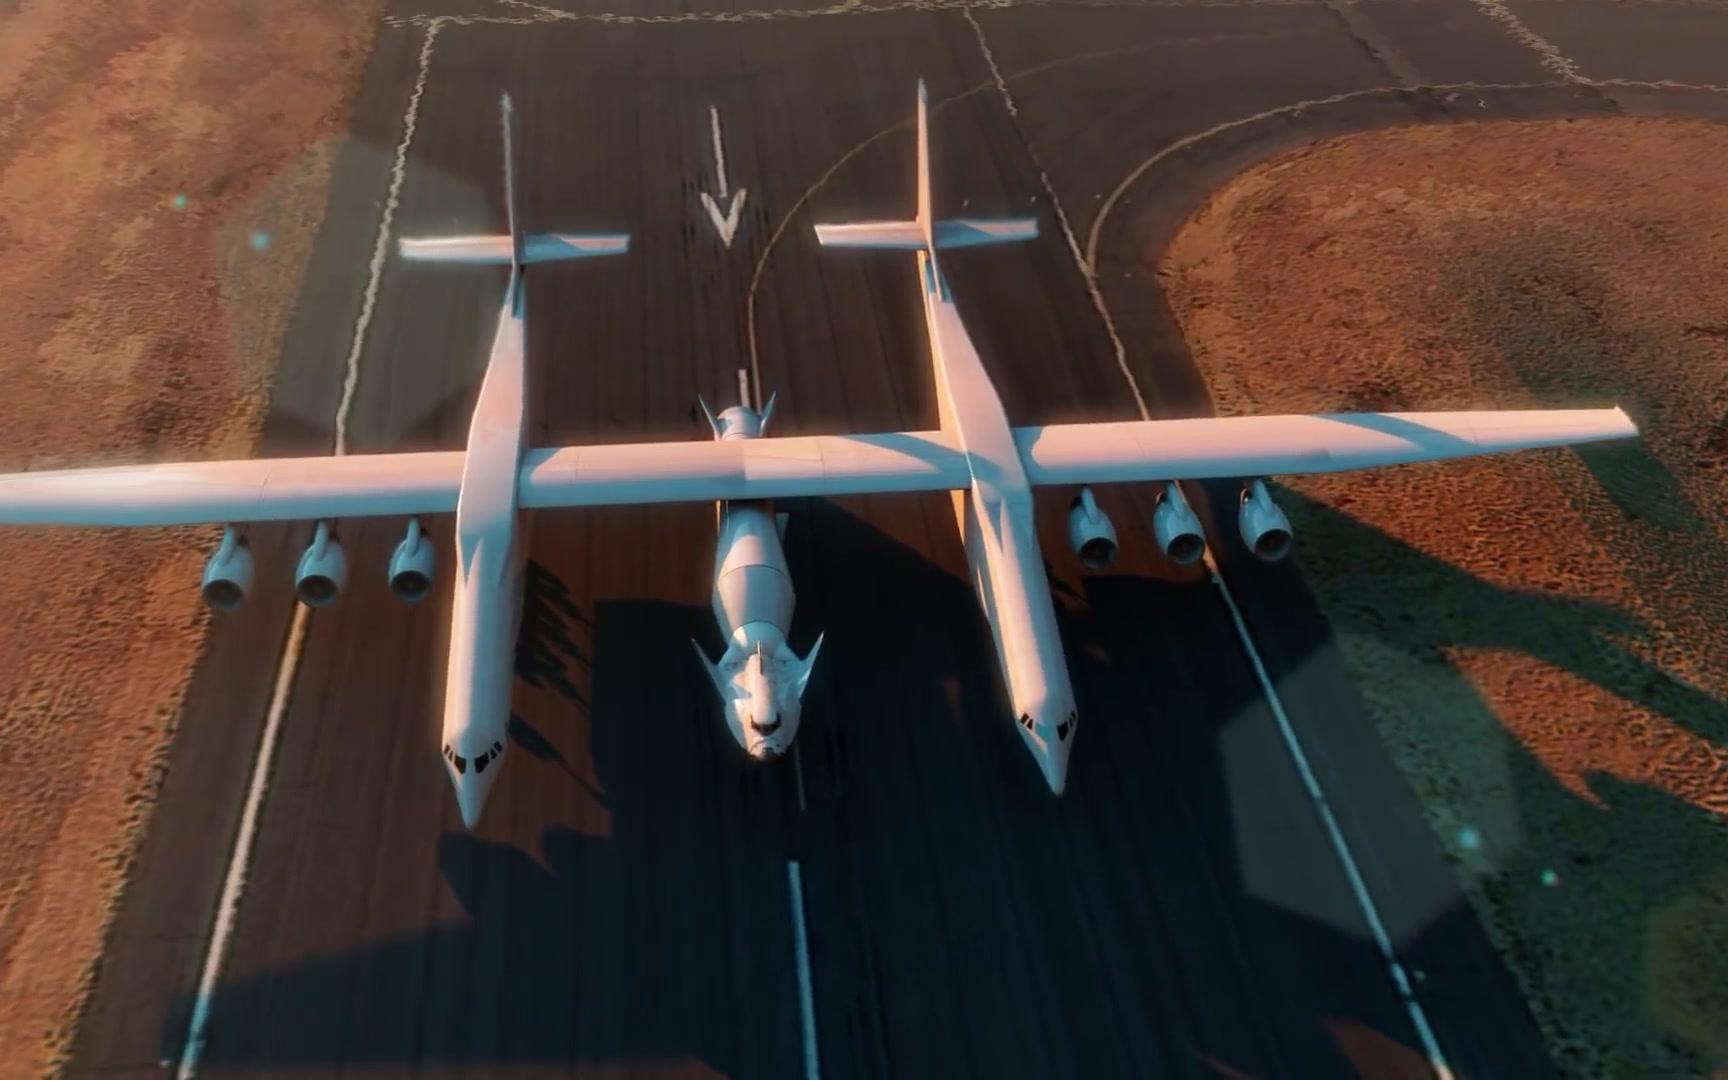 平流层发射公司的飞机发射追梦者号航天飞机